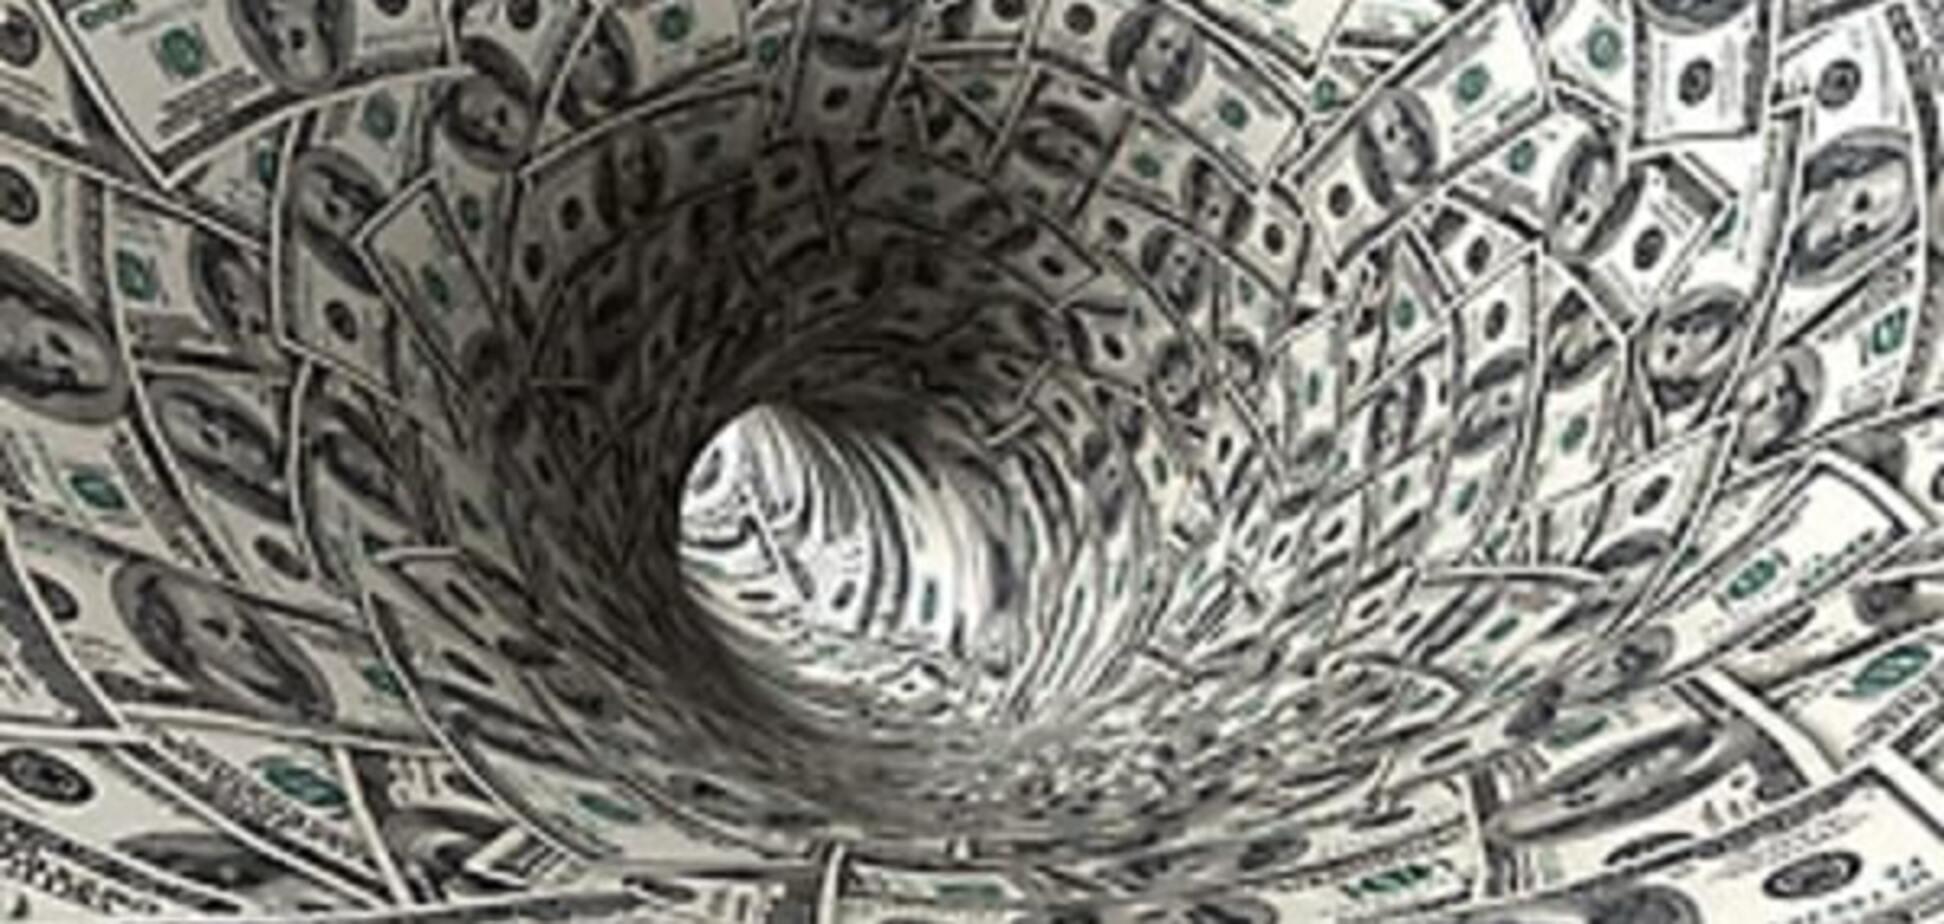 Все пропало: Мінфін Росії спустив в діру бюджету $ 30 млрд